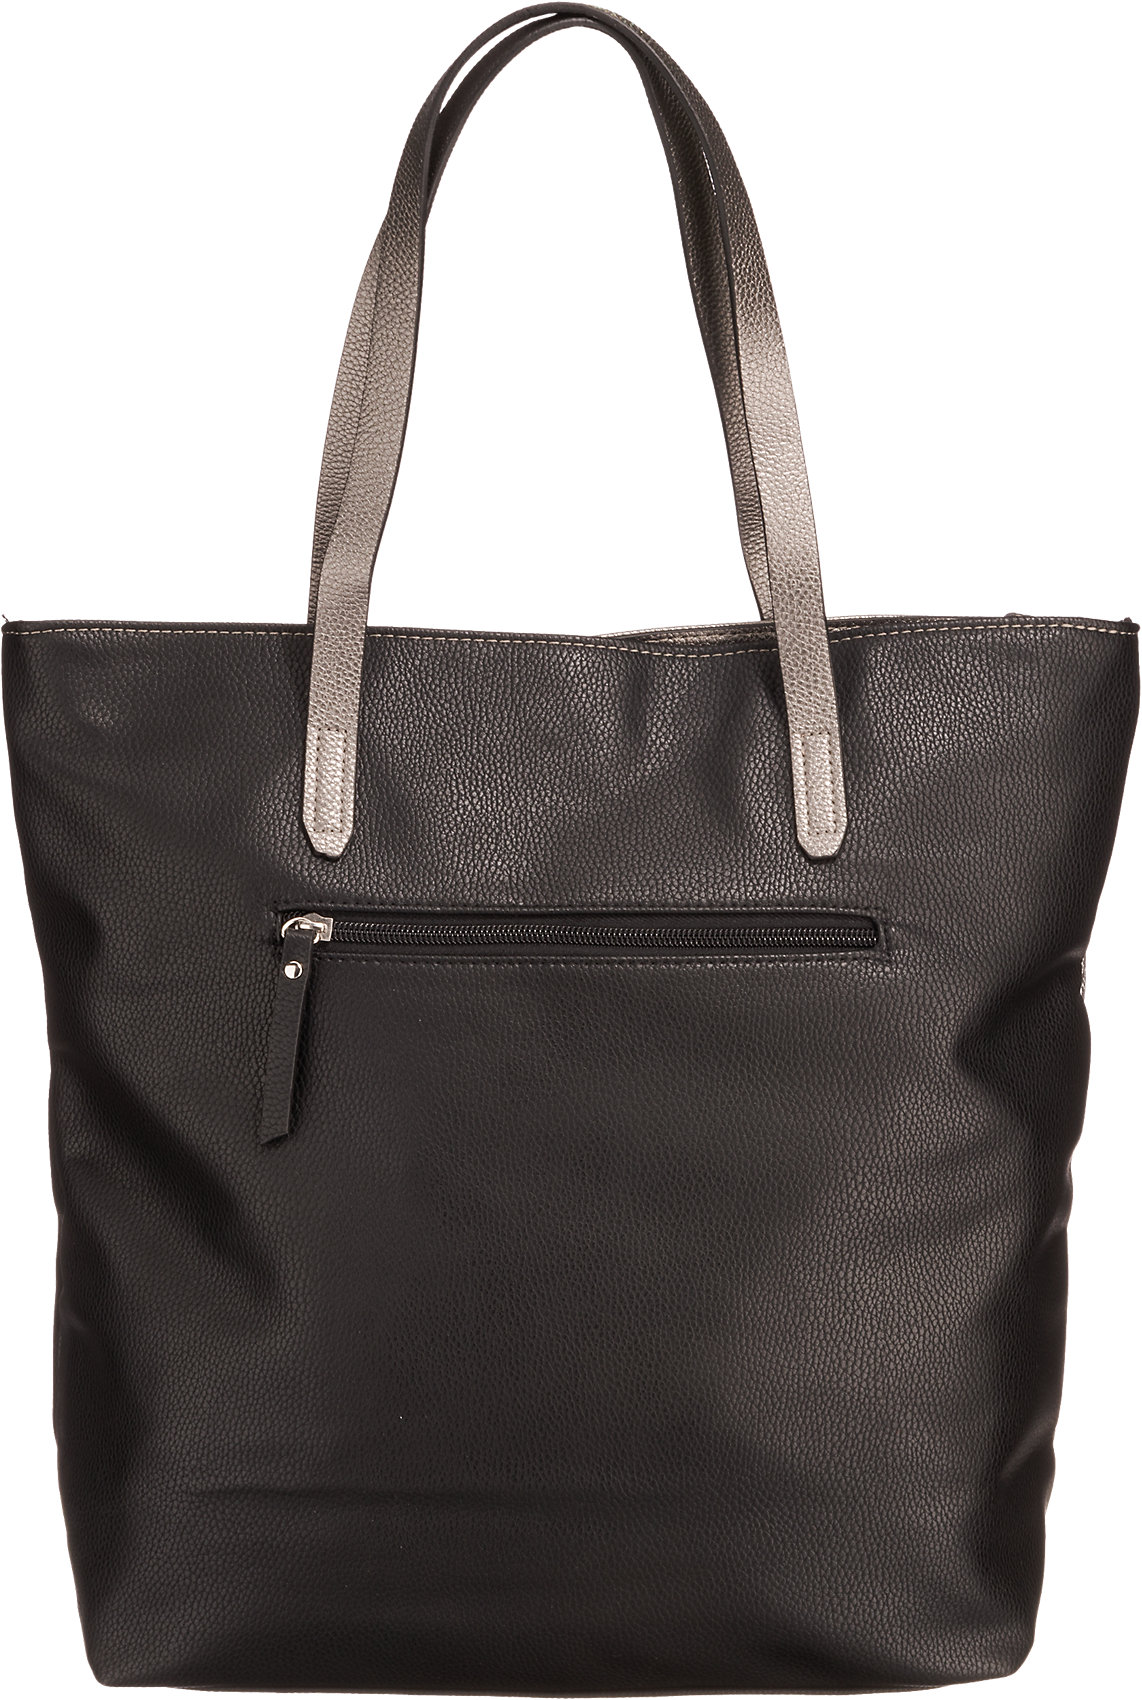 Details zu Neu ara Shopper 5703161 für Damen schwarz kombi beigerosa beige kombi